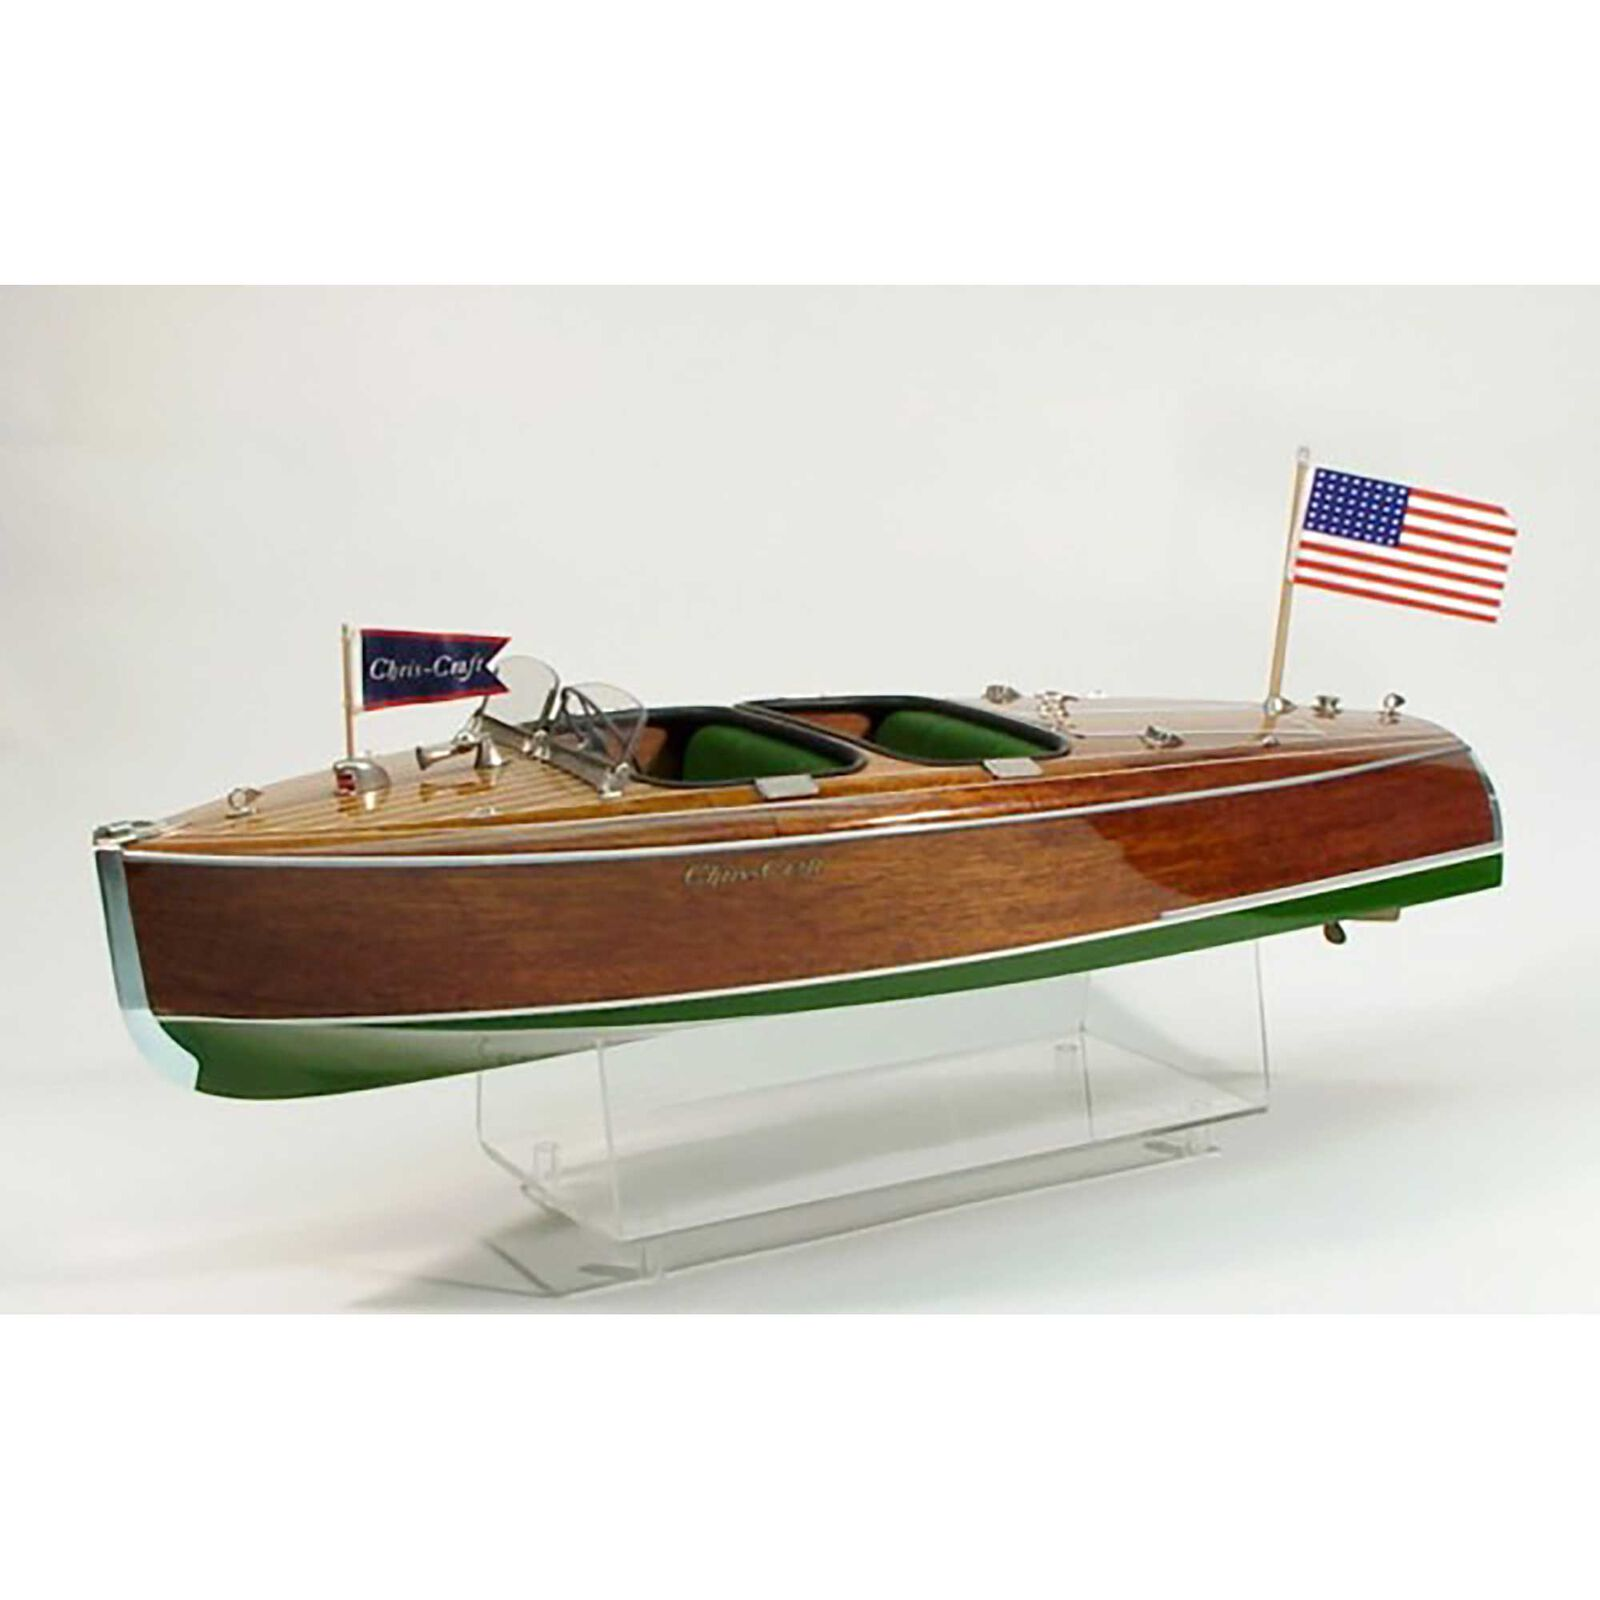 """1/8 1940 Chris-Craft Barrel Back Boat Kit, 28"""""""